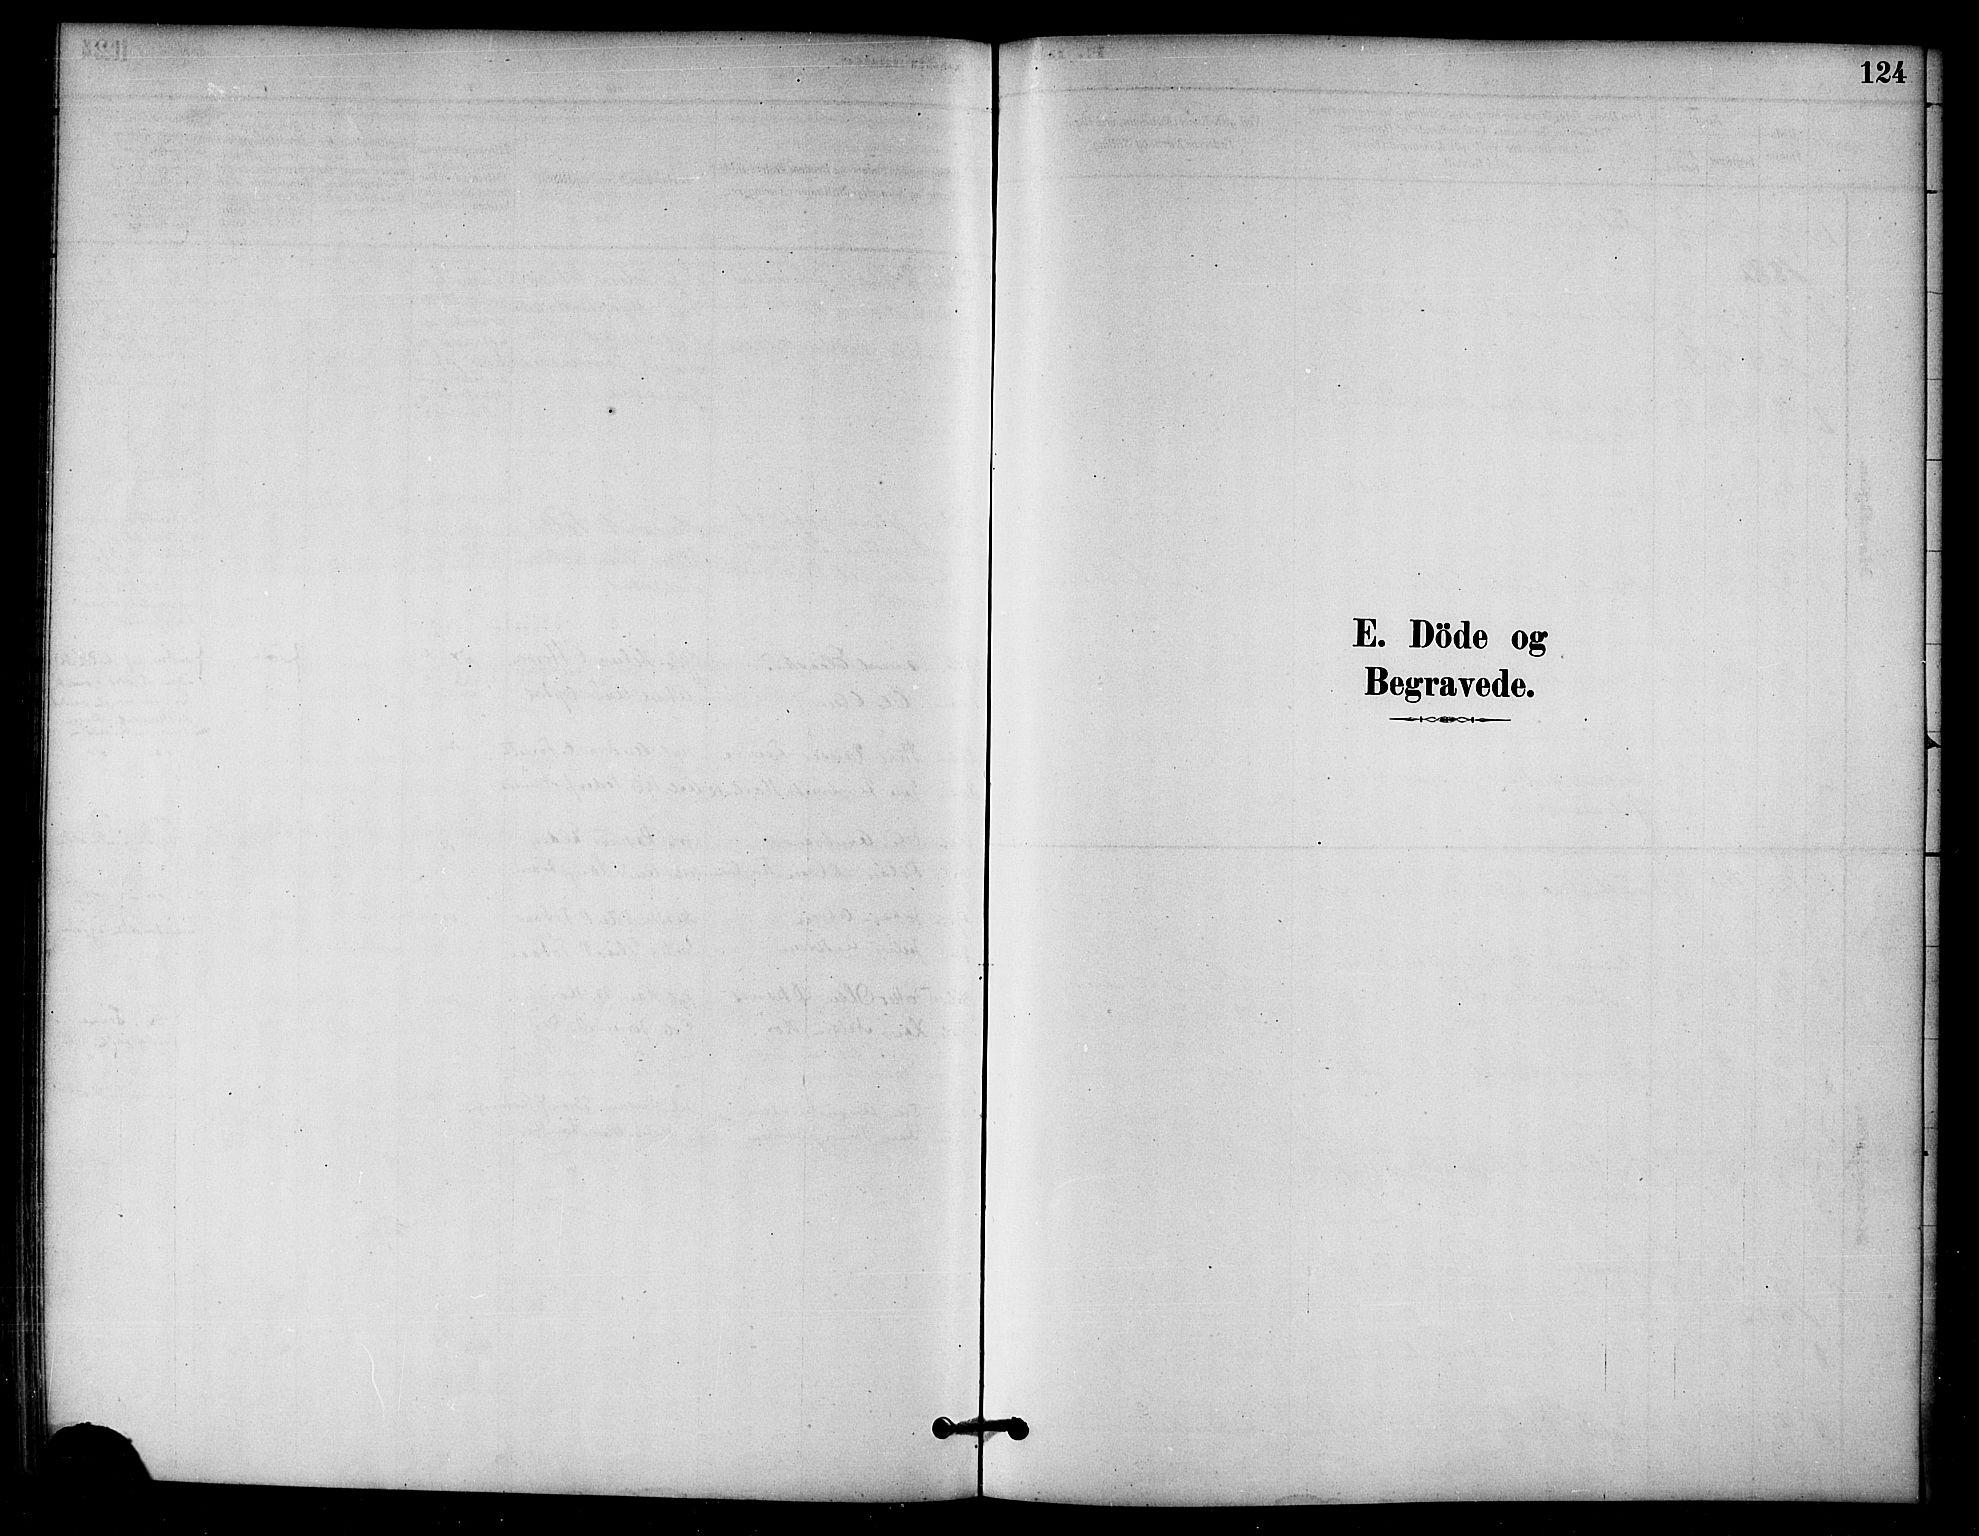 SAT, Ministerialprotokoller, klokkerbøker og fødselsregistre - Nord-Trøndelag, 766/L0563: Ministerialbok nr. 767A01, 1881-1899, s. 124